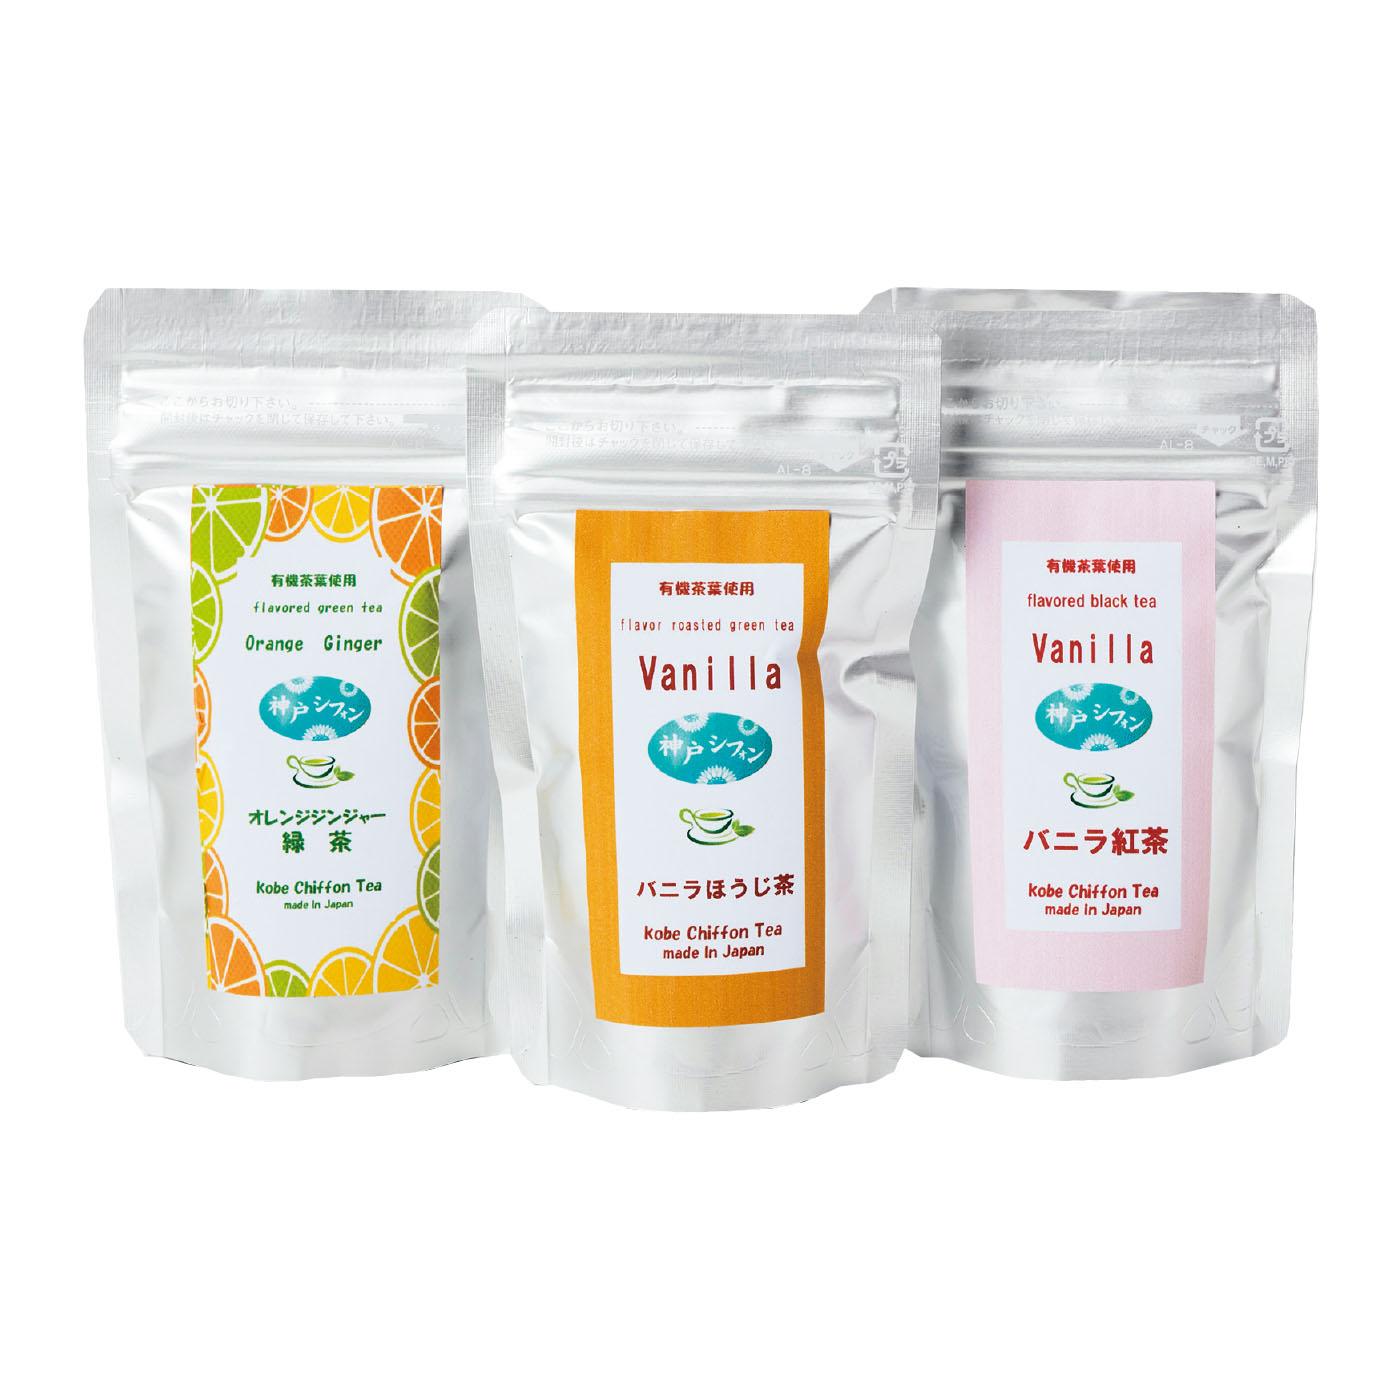 フェリシモ 神戸シフォン 香りも味も楽しめるバニラ&ジンジャーティー3種セットの会